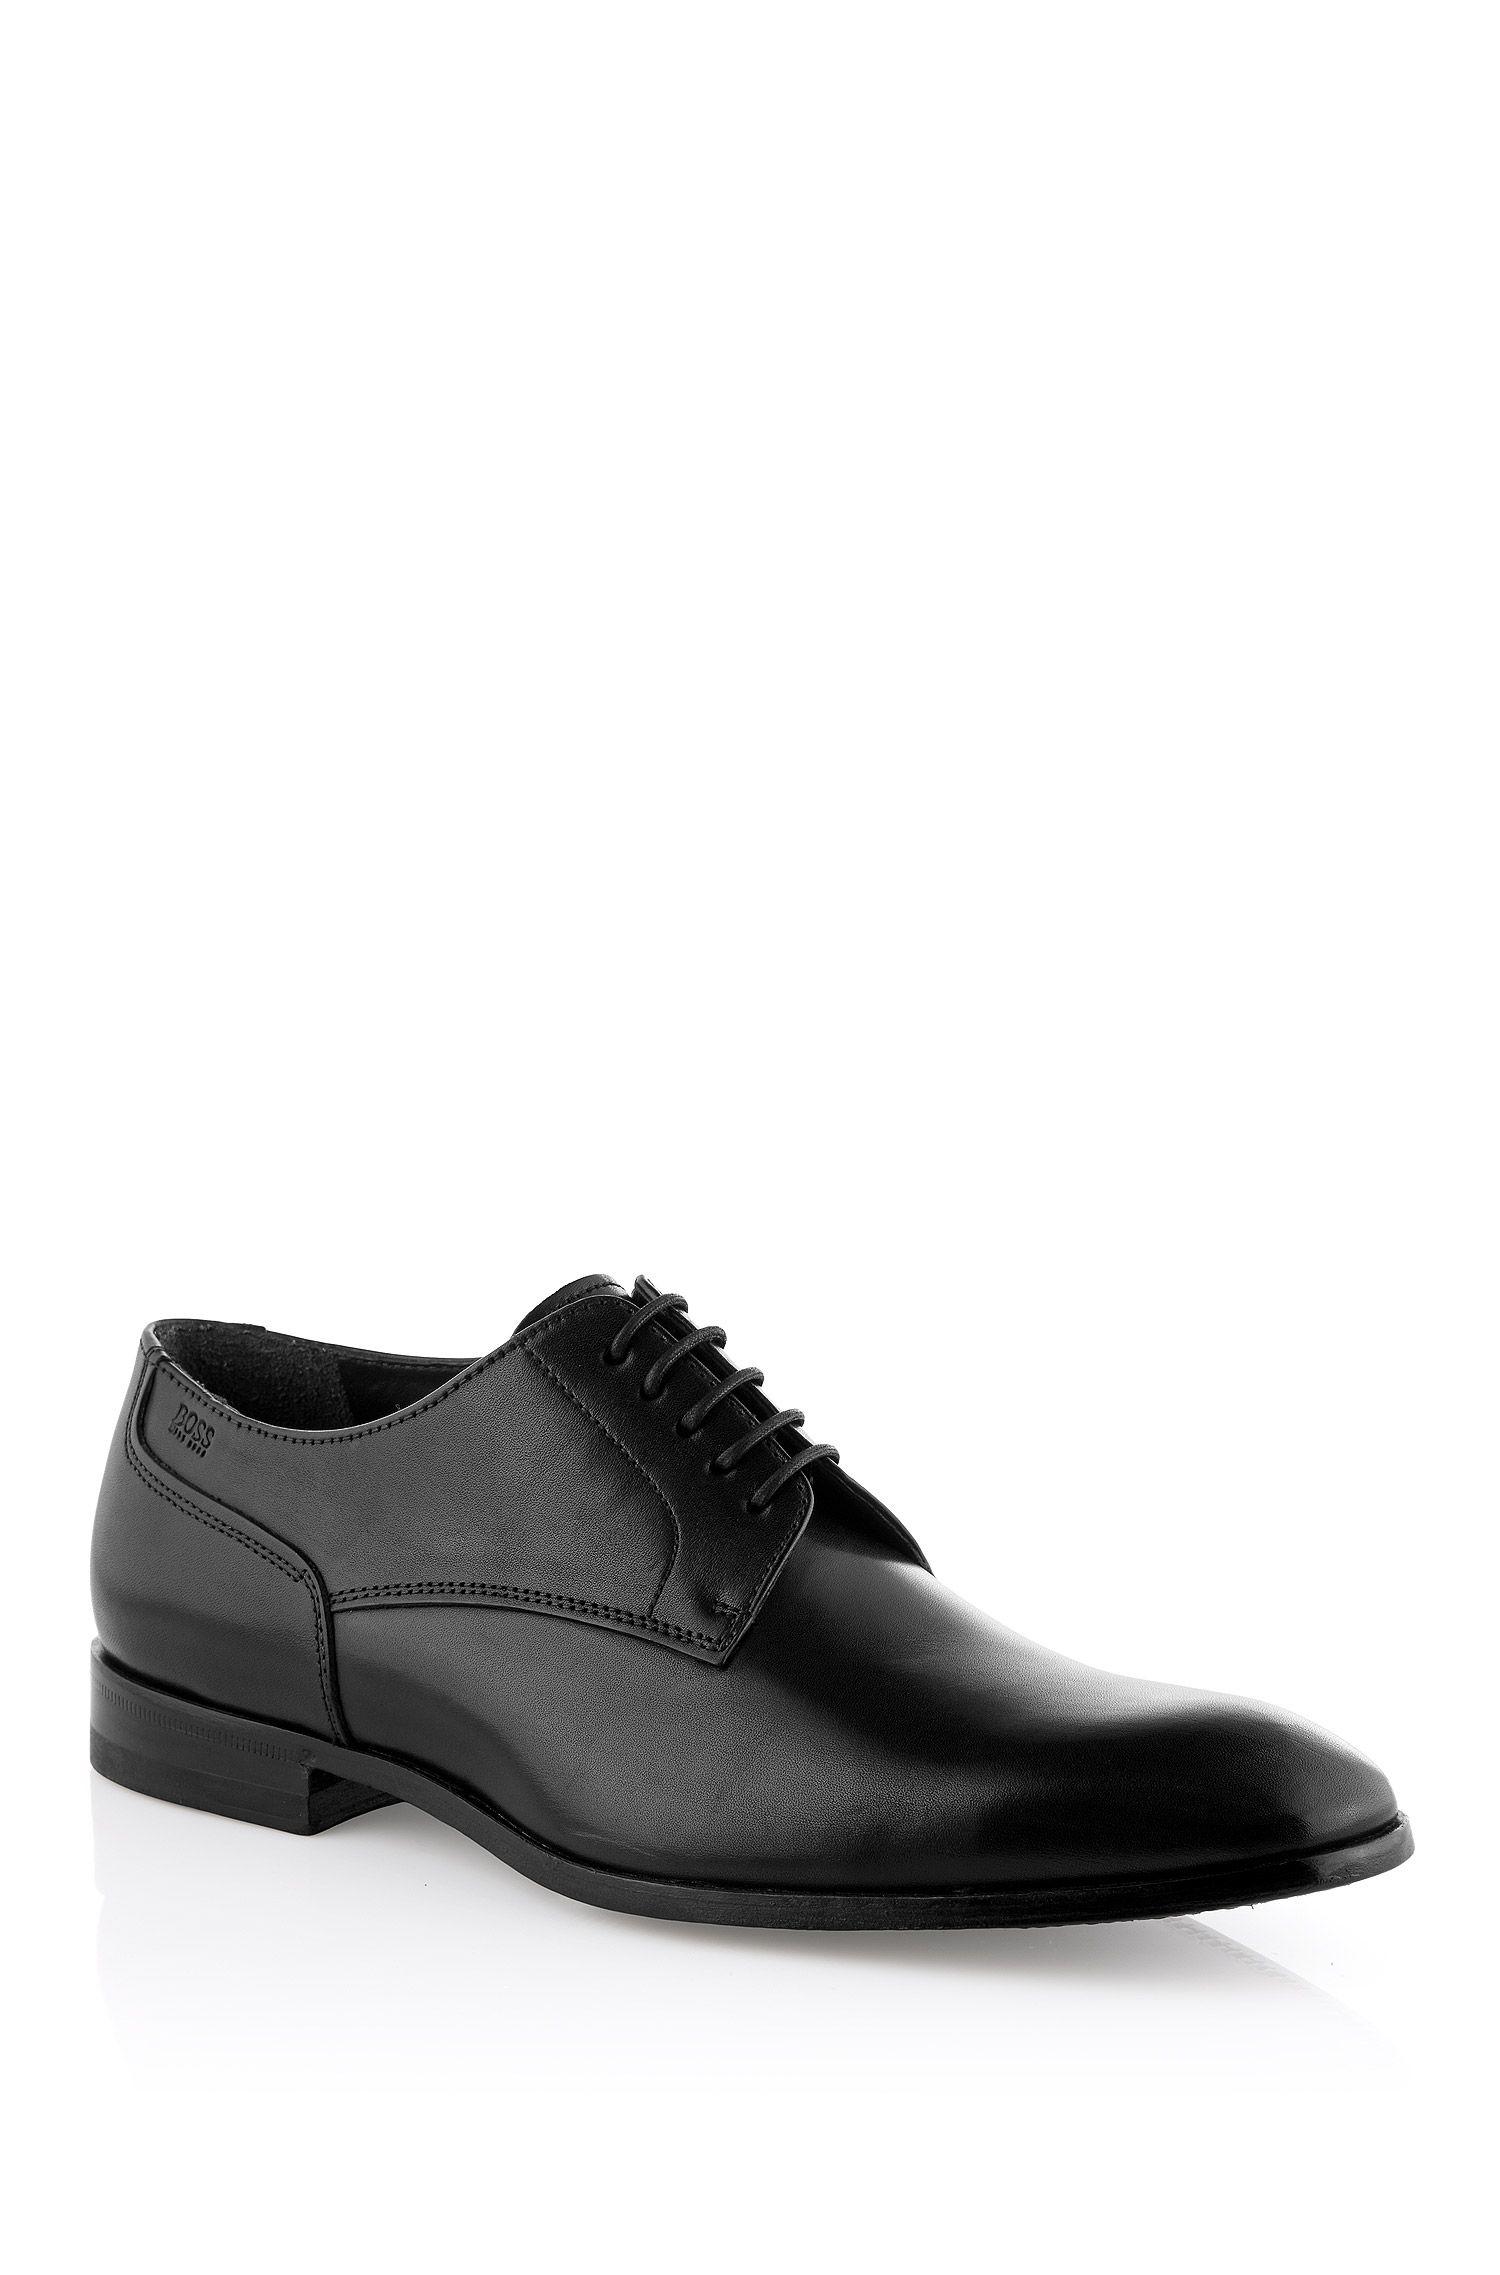 Chaussures à lacets en cuir de vachette, Romes